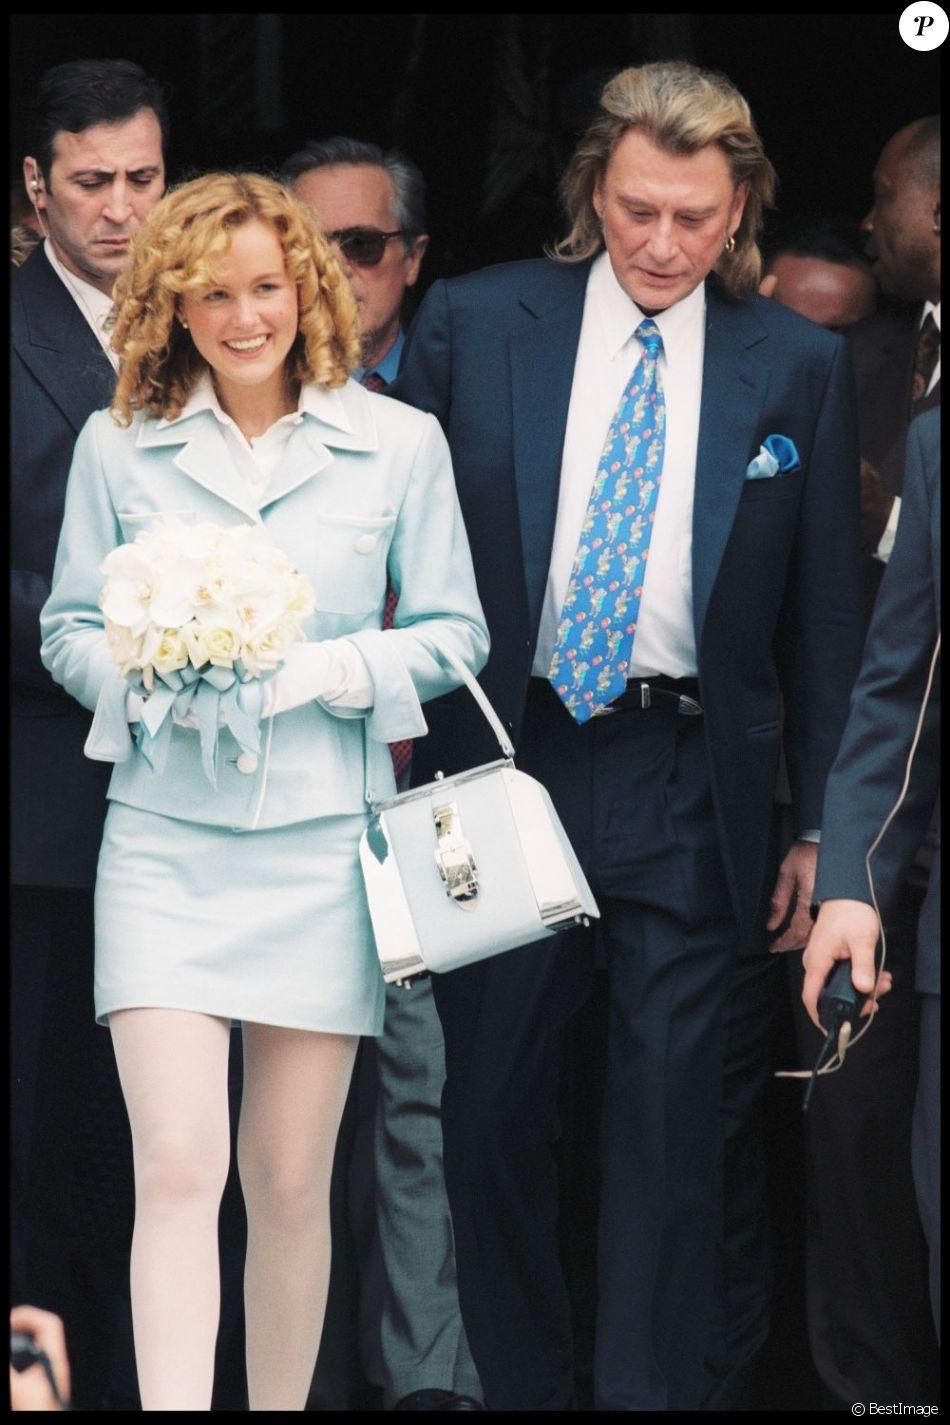 Mariage de Laeticia et Johnny Hallyday à la mairie de Neuilly, le 25 mars  1996.